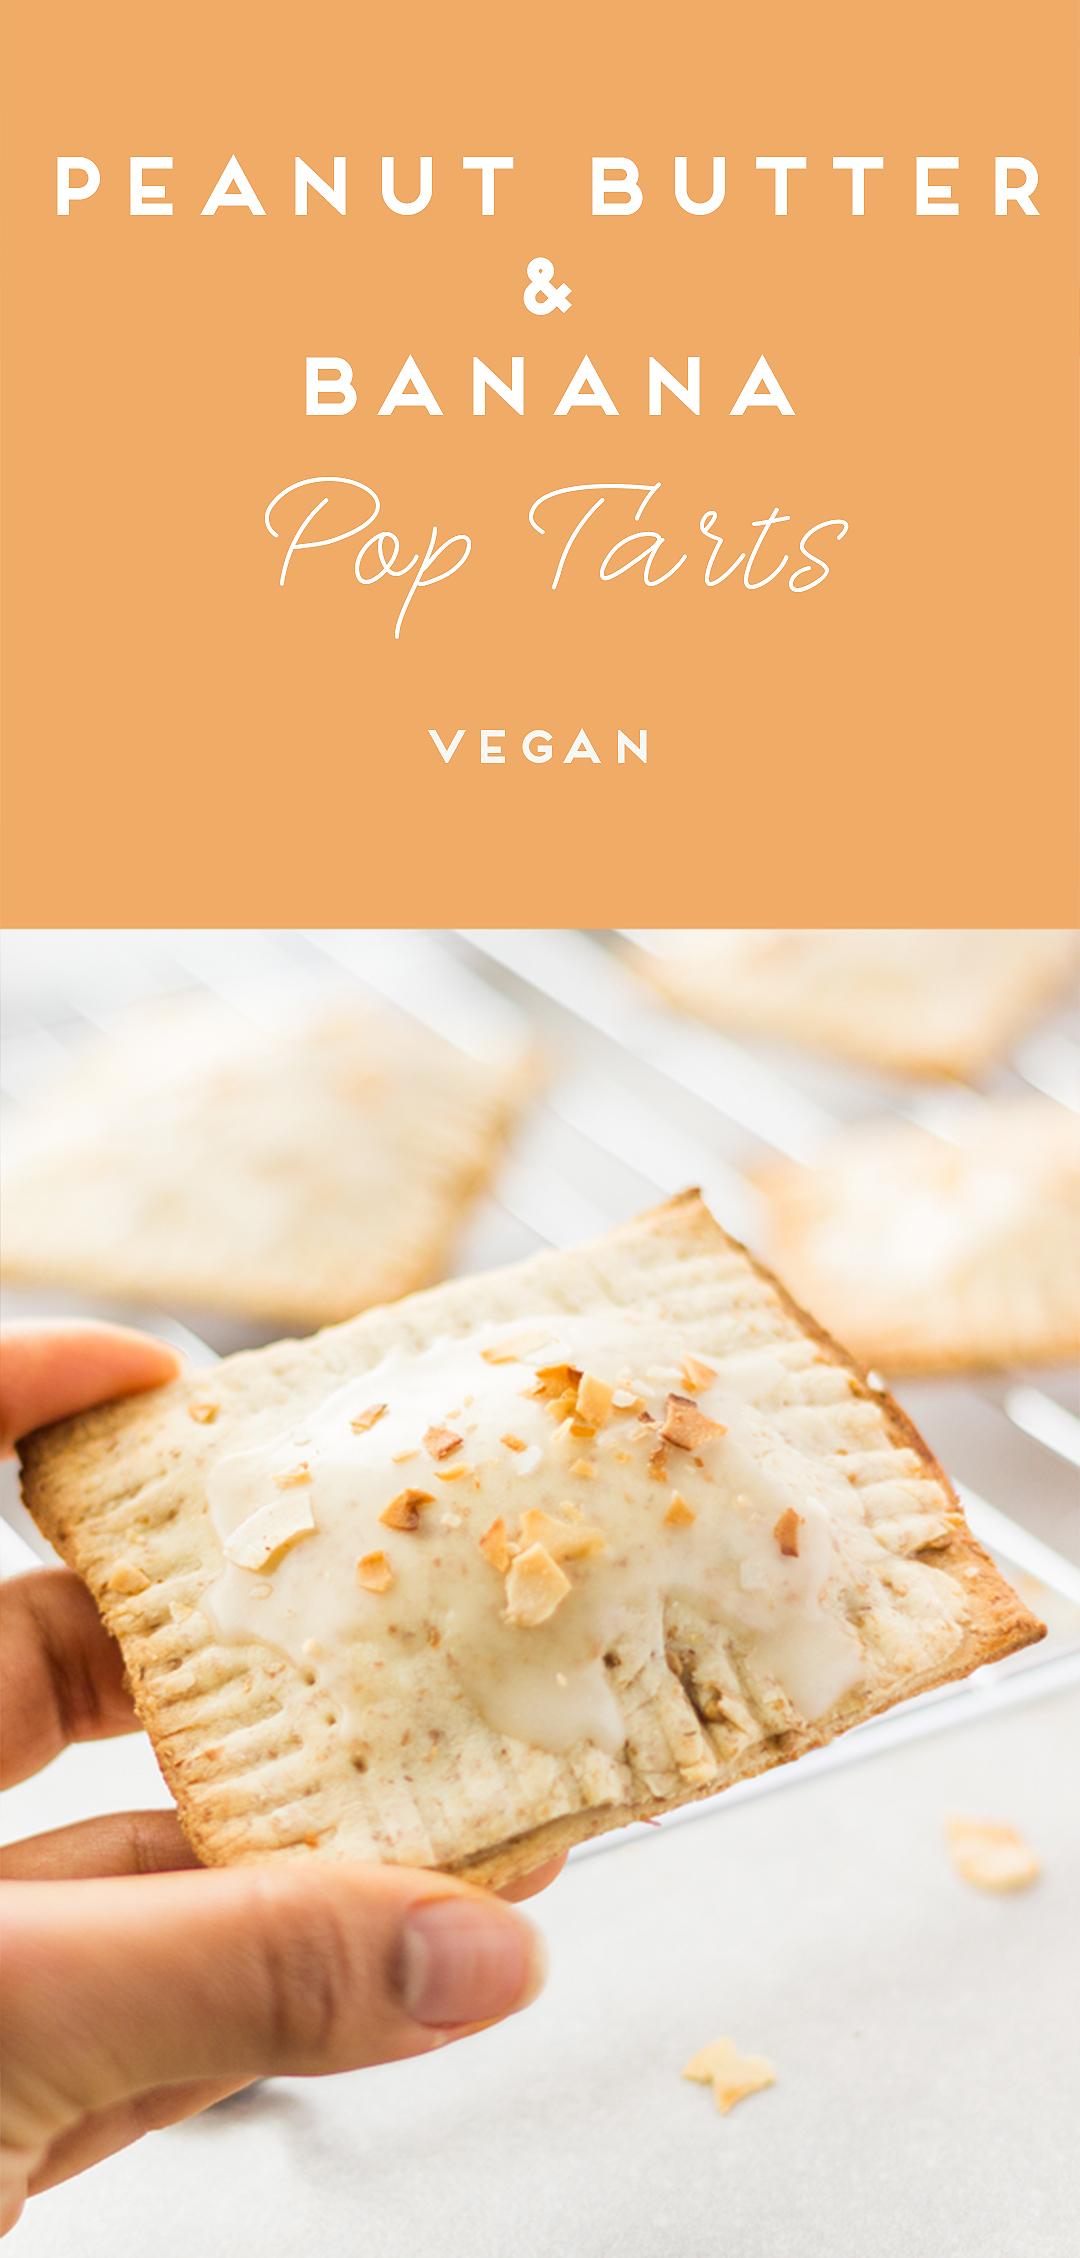 Vegan Banana and Peanut Butter Pop Tarts